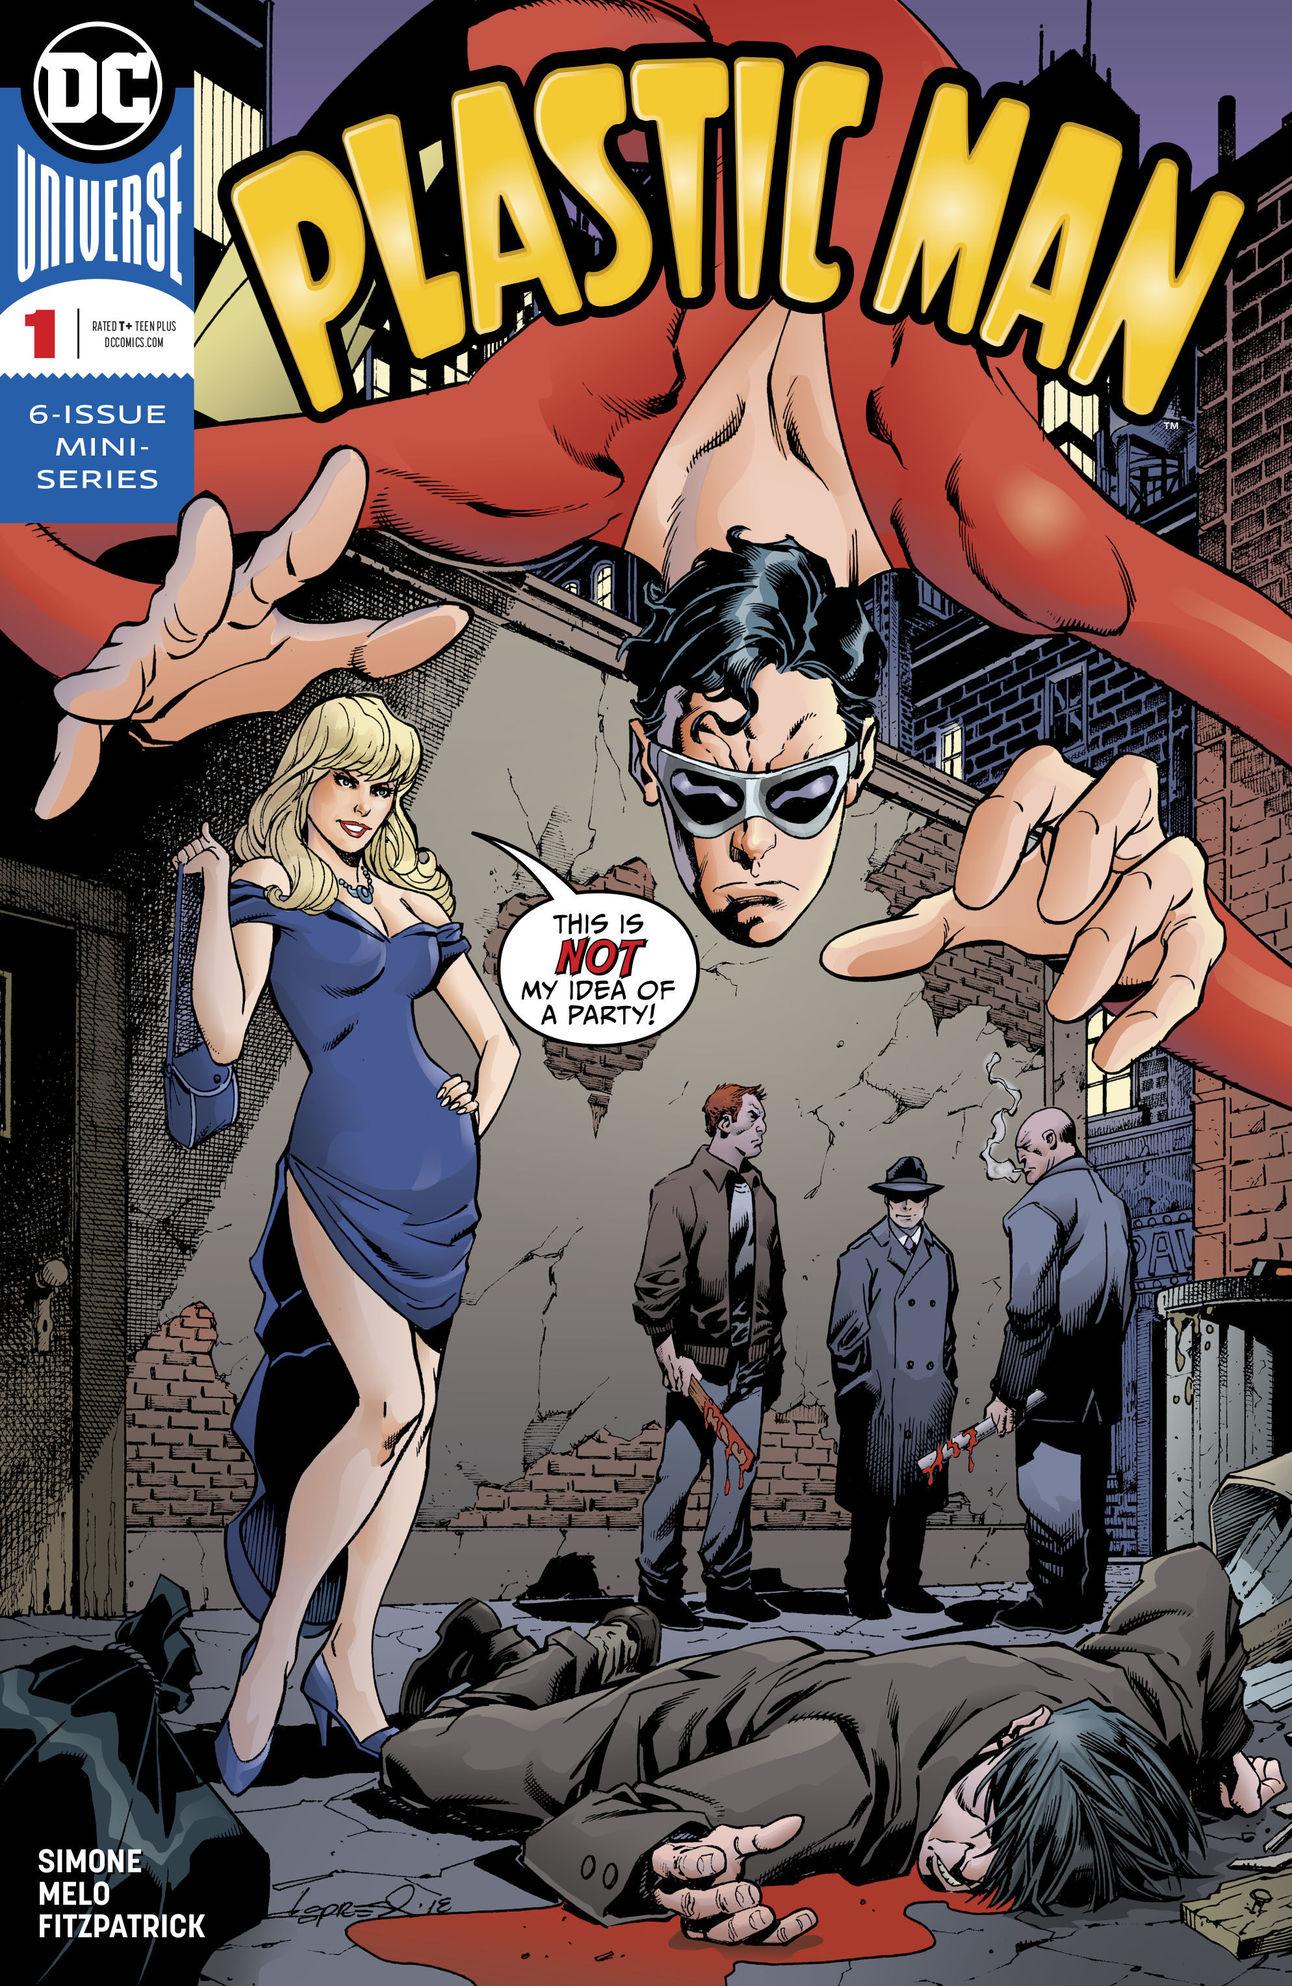 New Comics June 13 DC